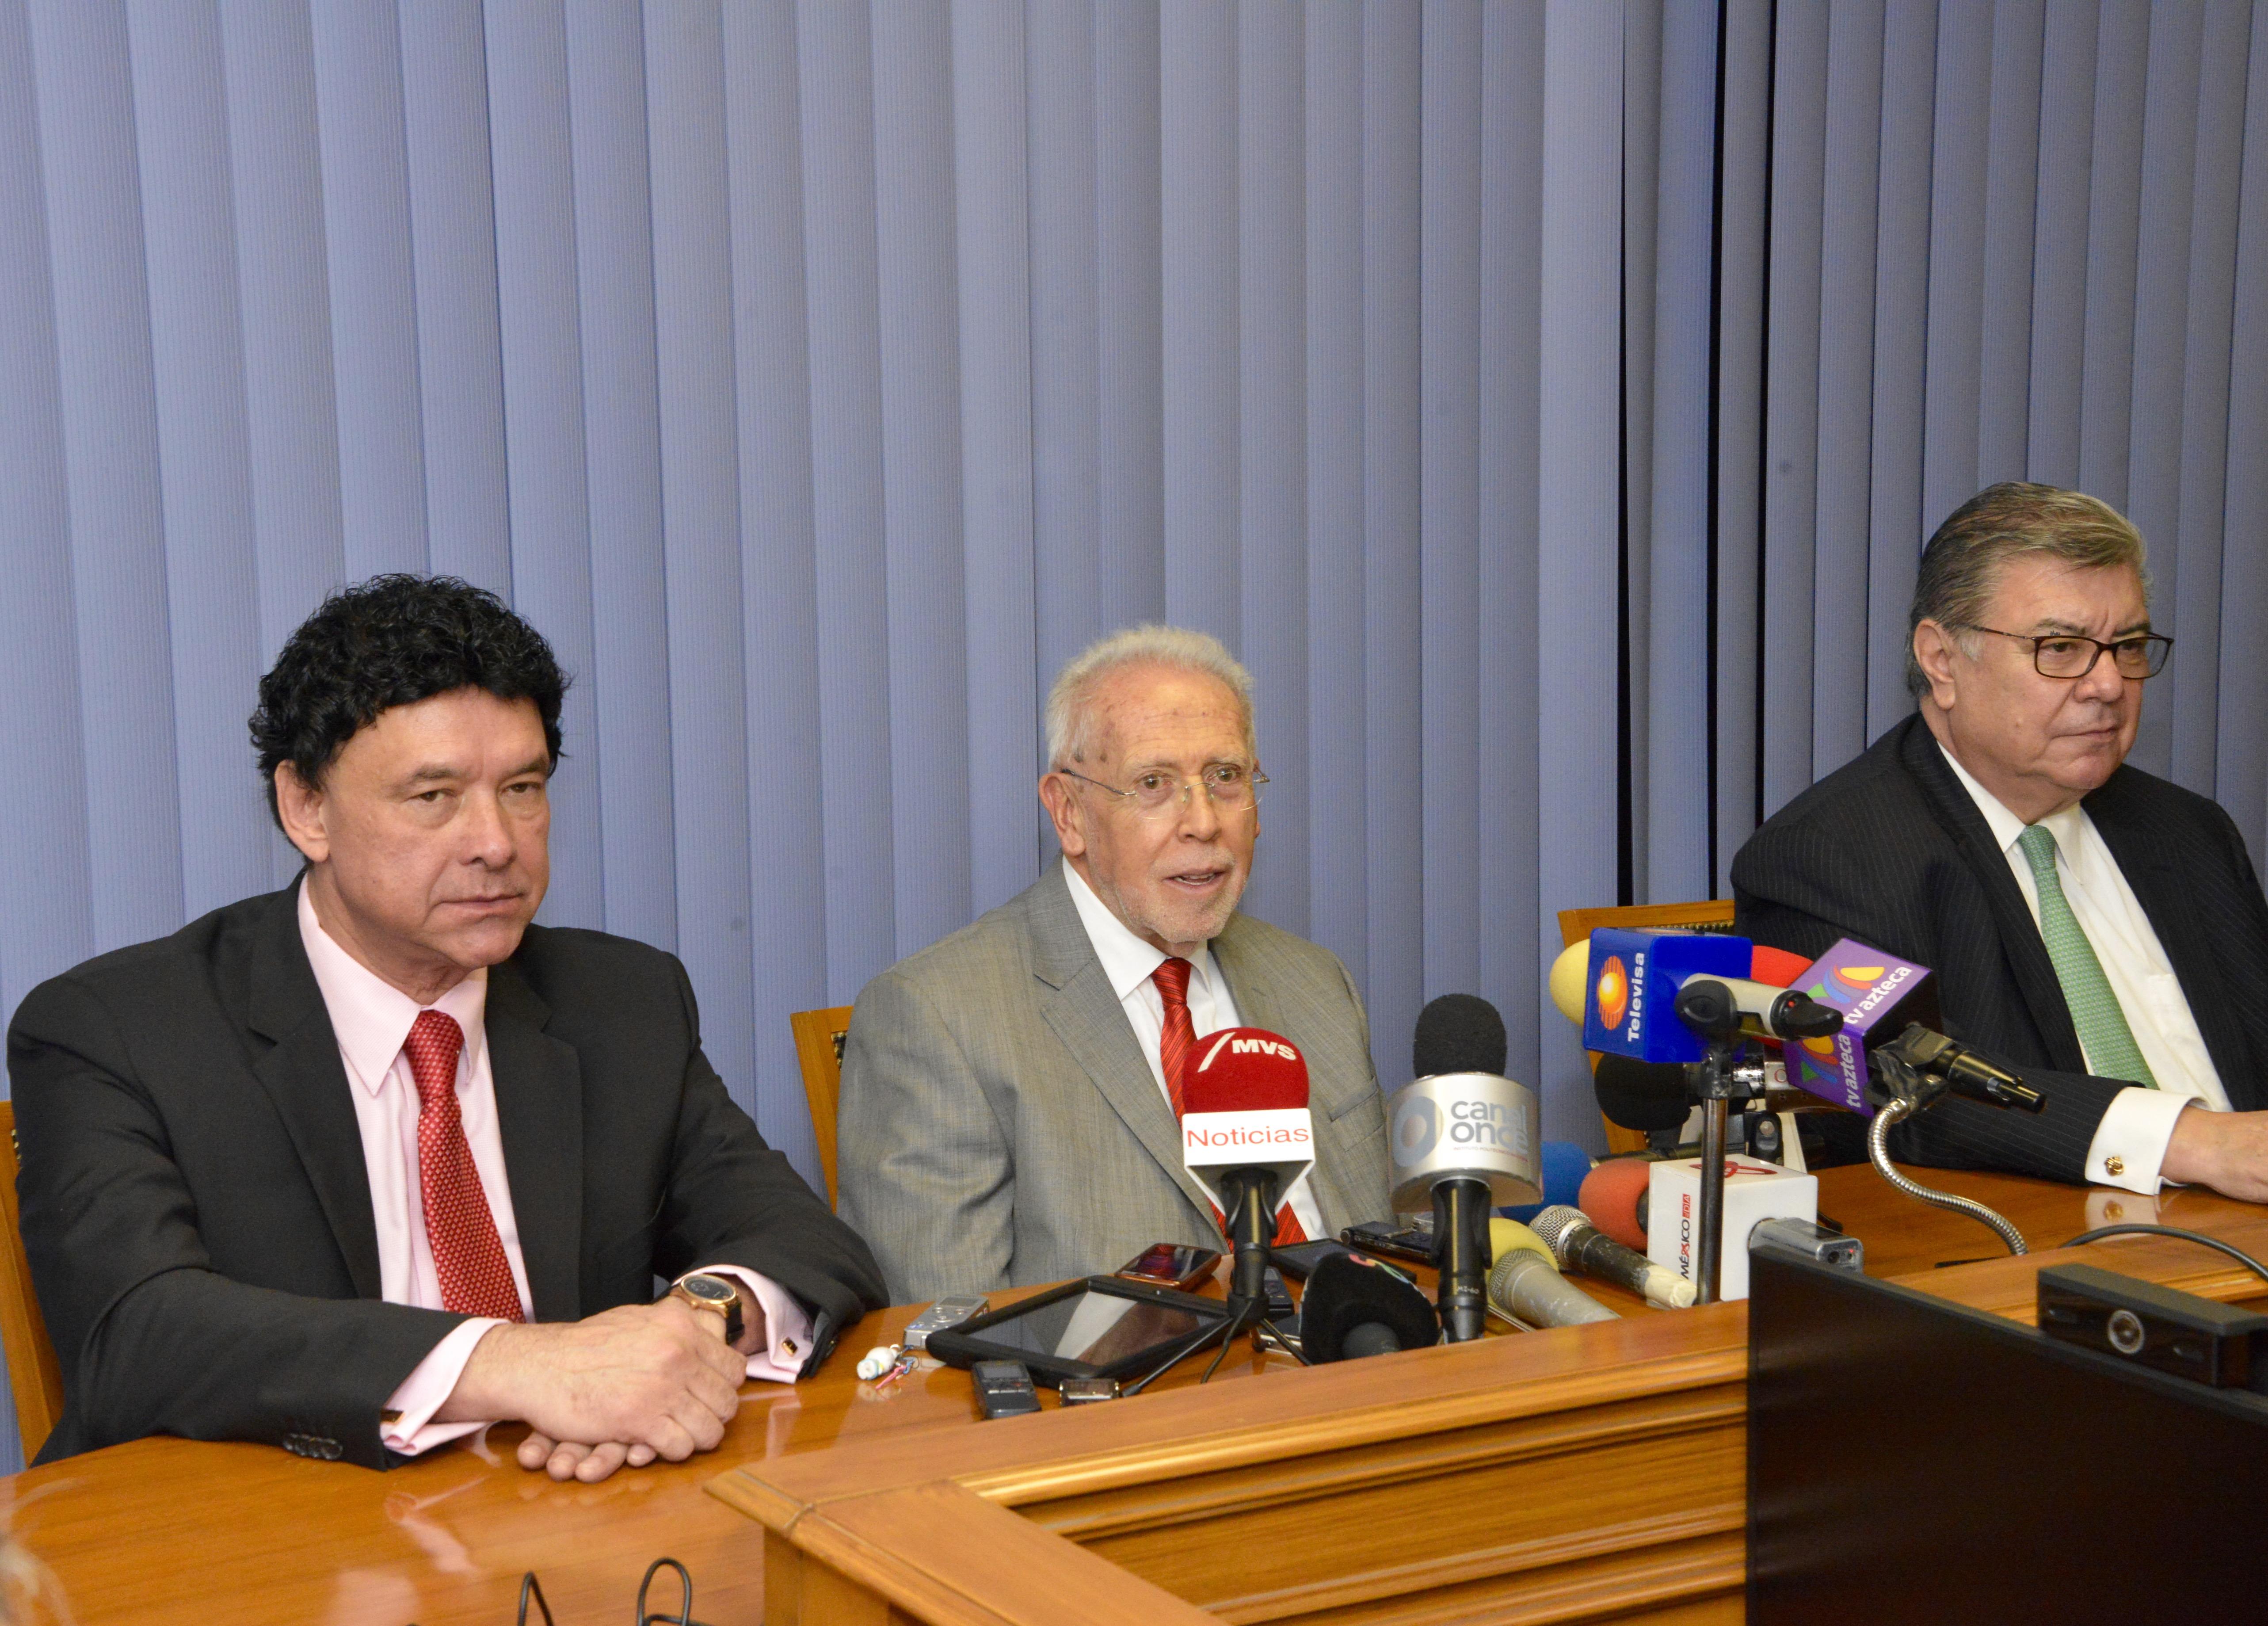 El Consejo de Representantes de la Comisión Nacional de los Salarios Mínimos (CONASAMI) acordó otorgar un aumento al salario mínimo de 4.2% para el 2016.